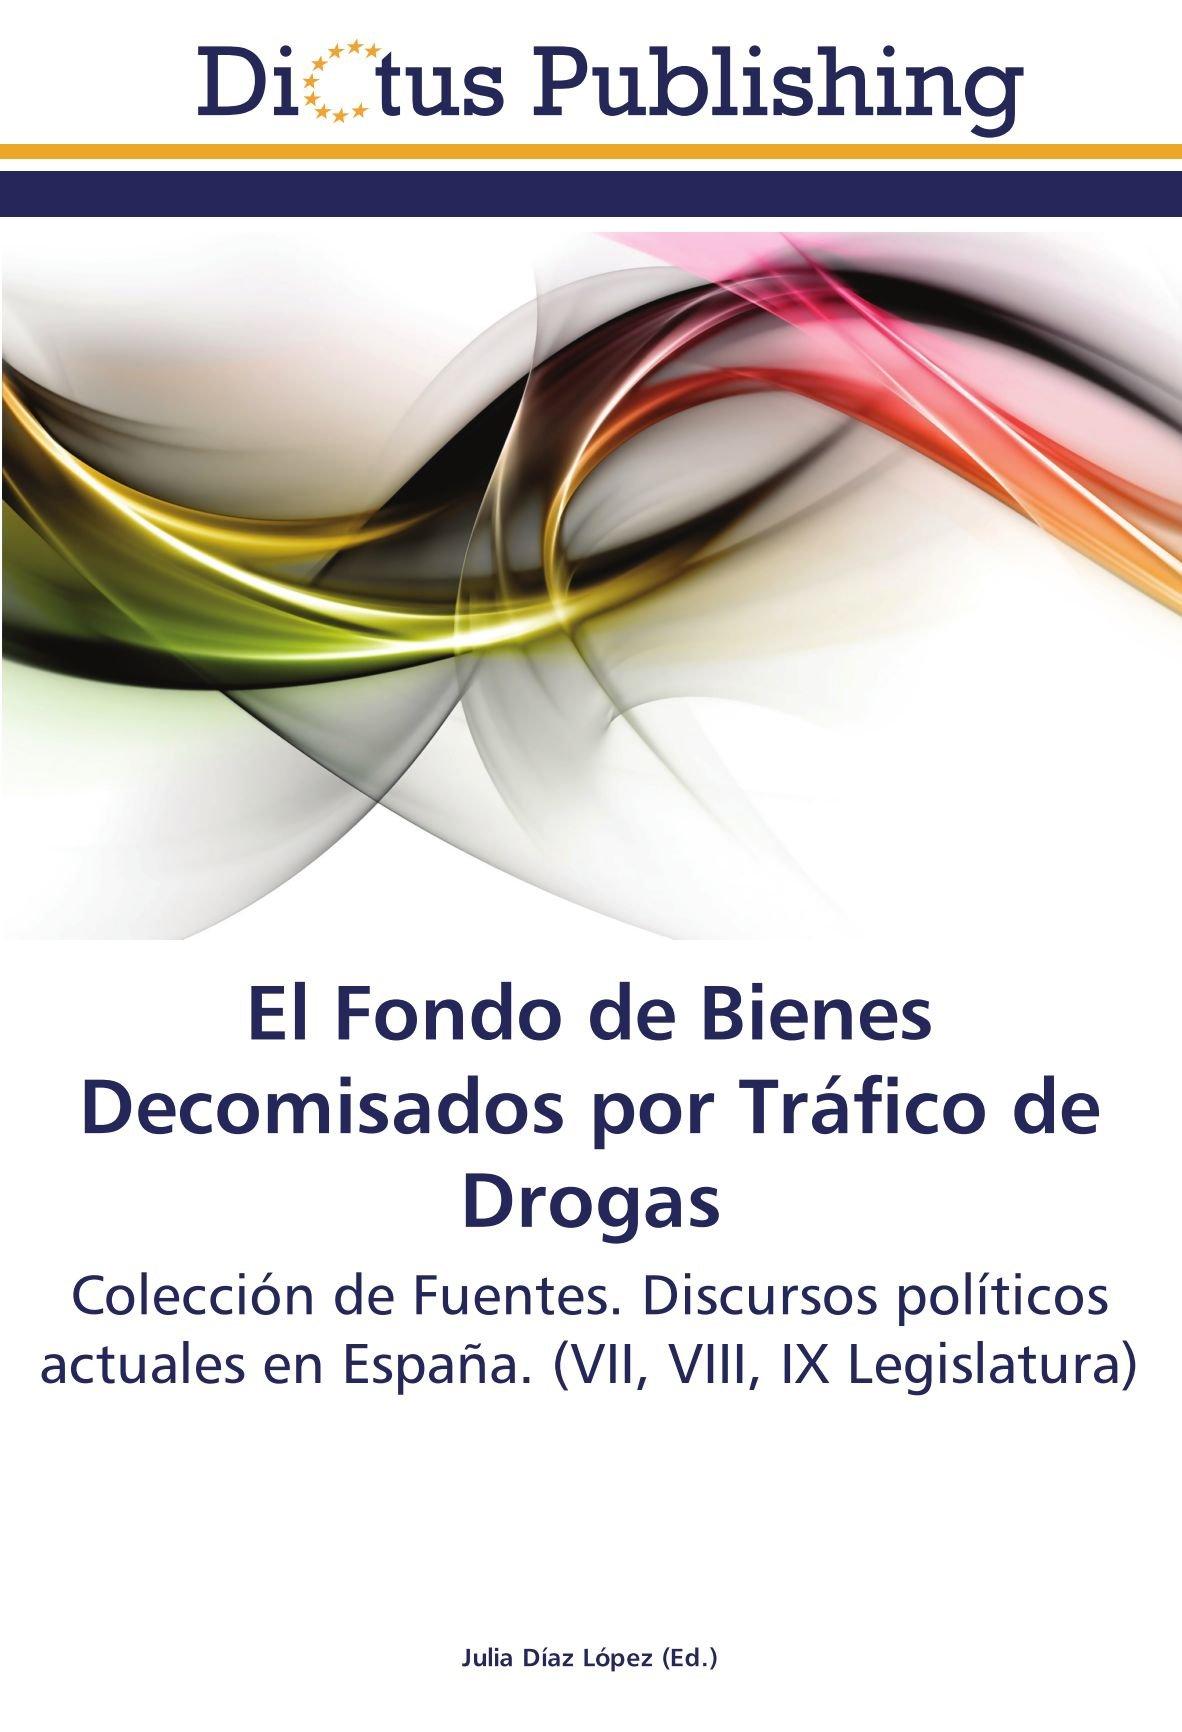 El Fondo de Bienes Decomisados por Tráfico de Drogas: Colección de Fuentes. Discursos políticos actuales en España. (VII, VIII, IX Legislatura) (Spanish Edition) PDF